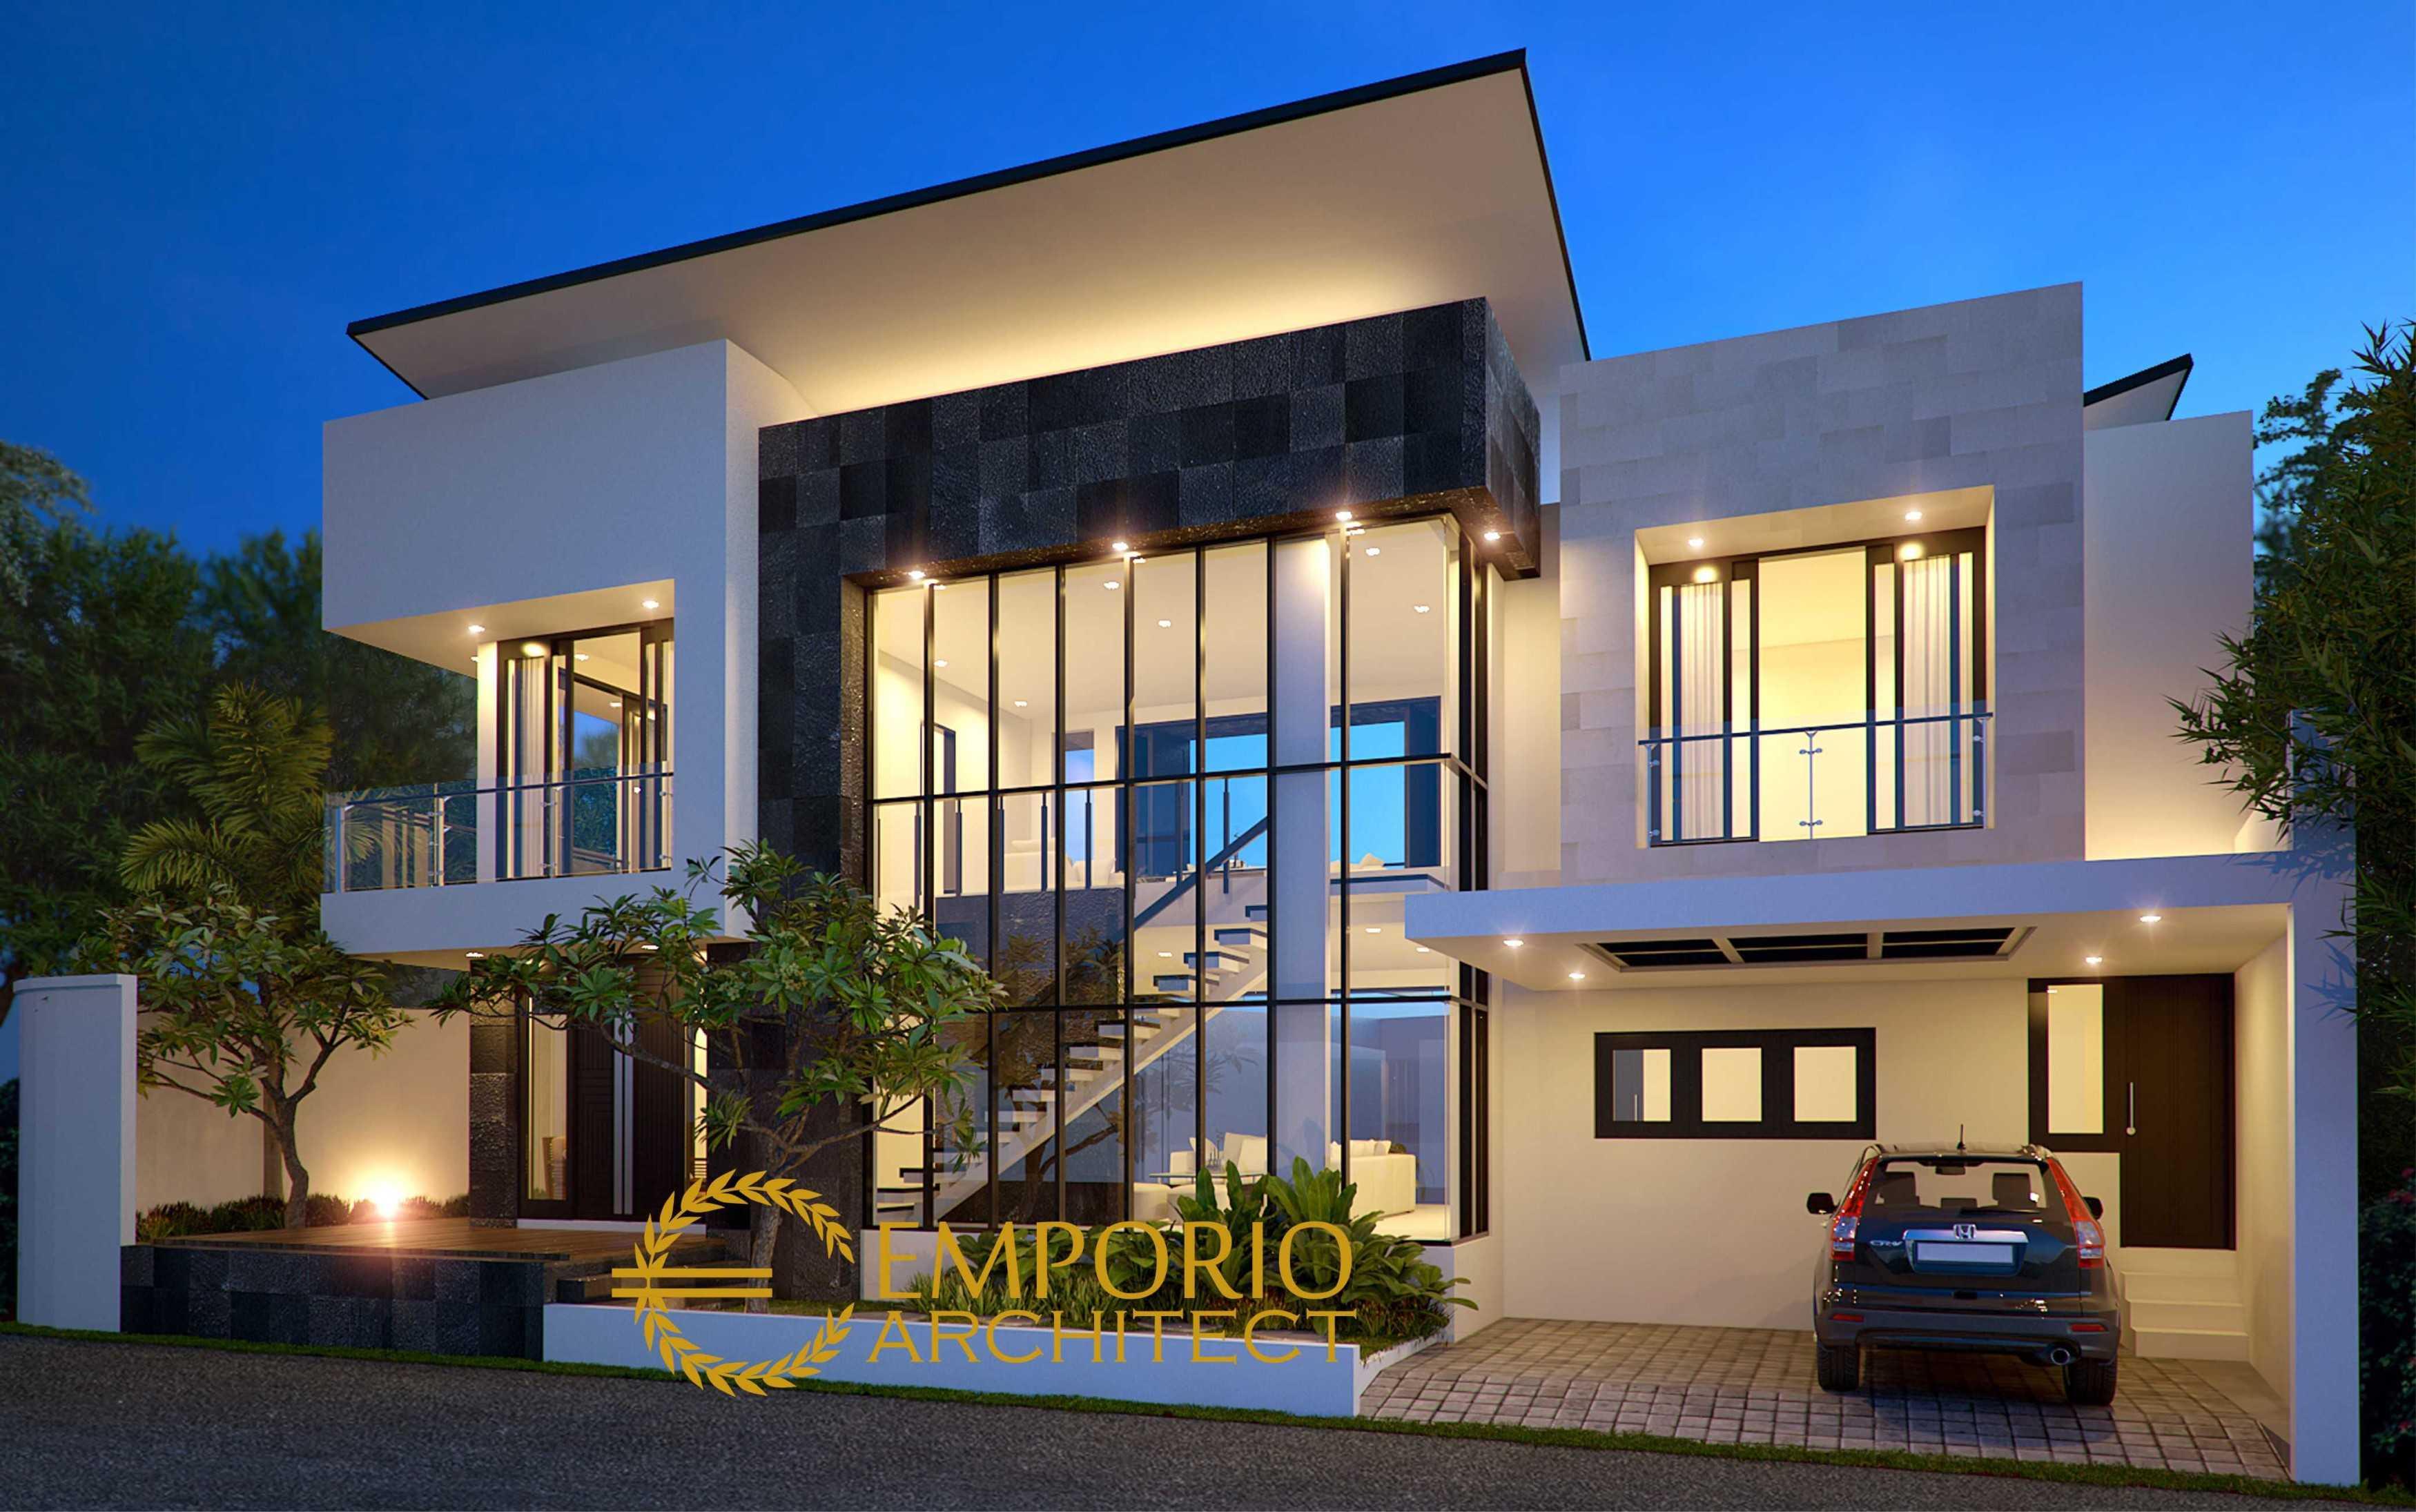 Emporio Architect Jasa Arsitek Bintaro Desain Rumah Modern 2 Lantai 126 @ Bintaro Bintaro, Kec. Pesanggrahan, Kota Jakarta Selatan, Daerah Khusus Ibukota Jakarta, Indonesia Bintaro, Kec. Pesanggrahan, Kota Jakarta Selatan, Daerah Khusus Ibukota Jakarta, Indonesia Emporio-Architect-Jasa-Arsitek-Bintaro-Desain-Rumah-Modern-2-Lantai-126-Bintaro Modern  87229